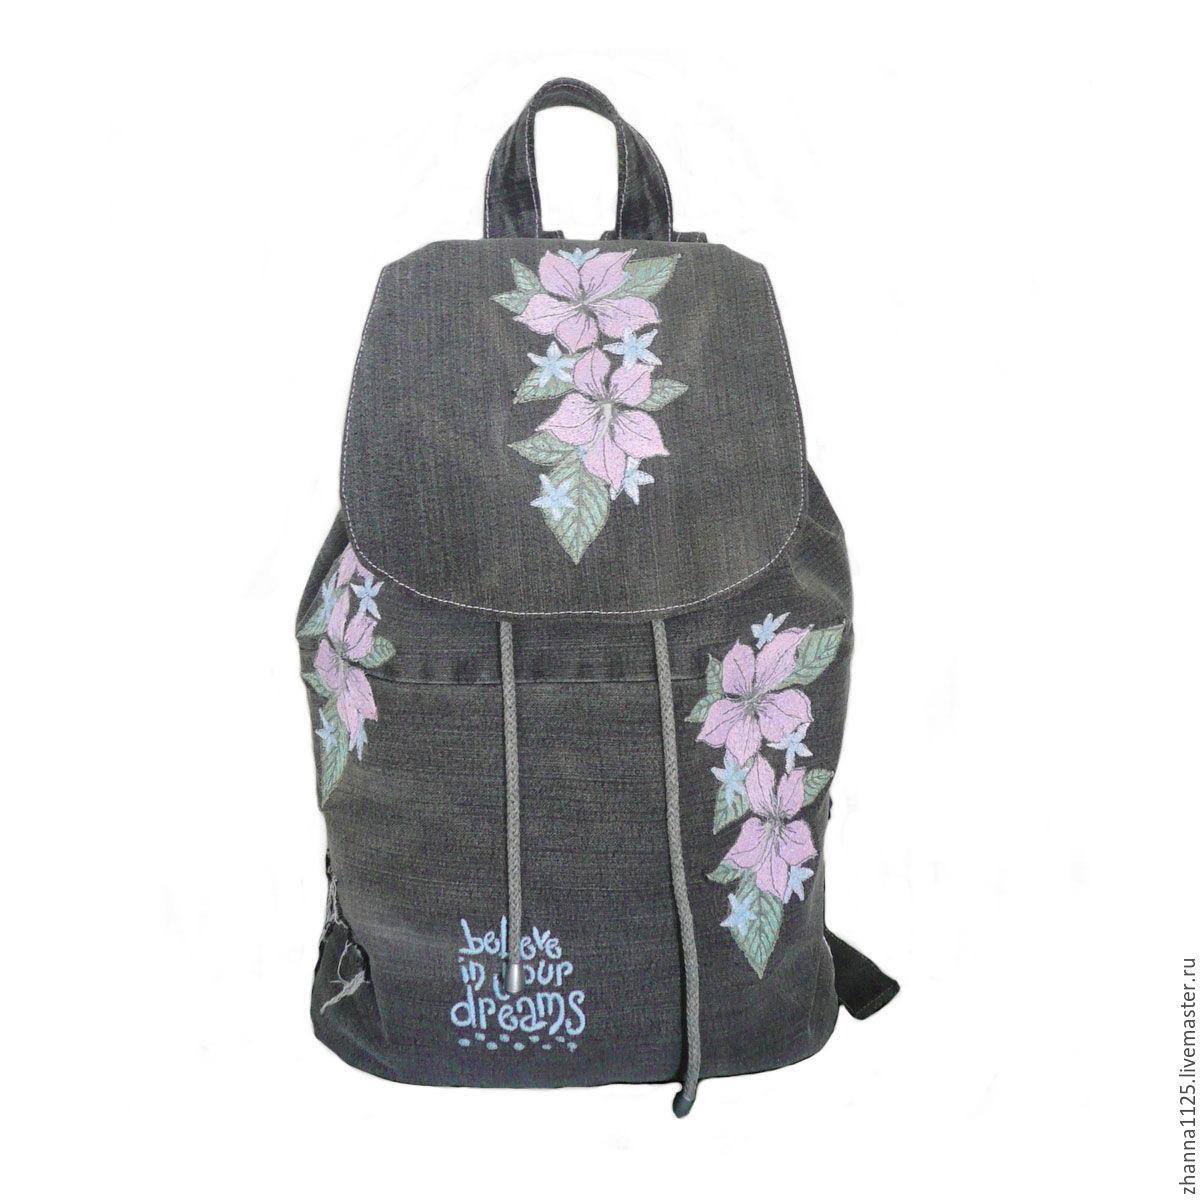 Купить джинсовый рюкзак женский в интернет магазине рюкзак для зимнего ящика